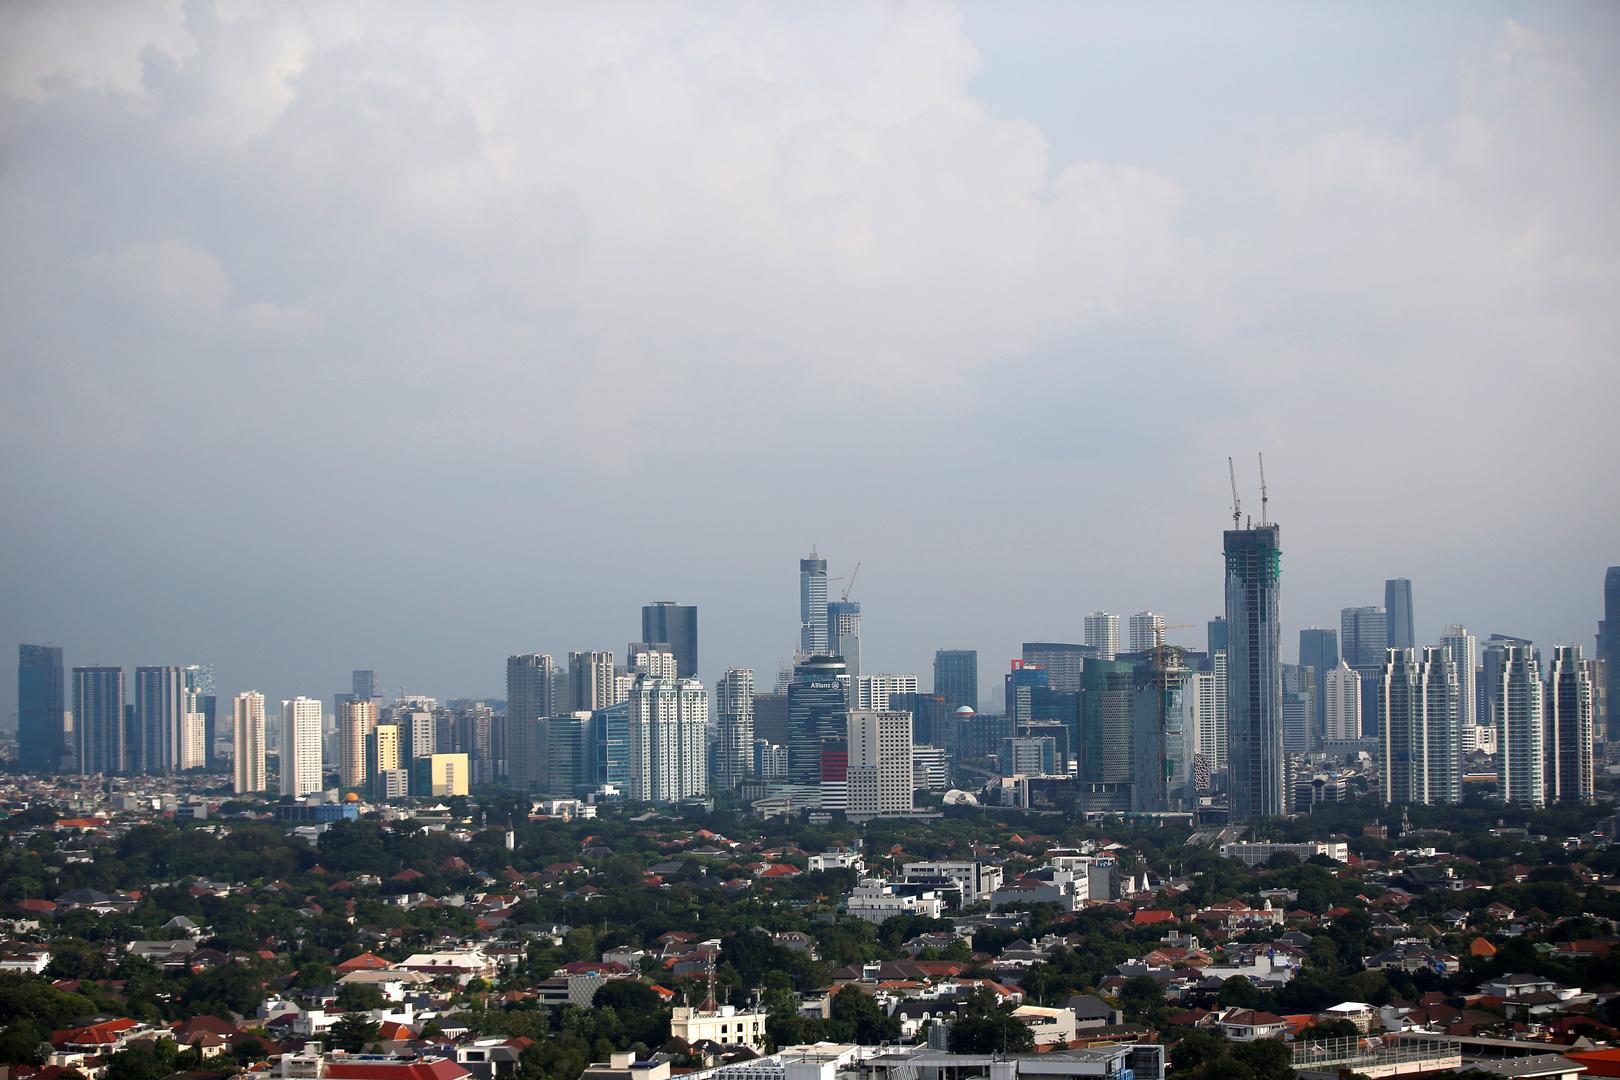 إندونيسيا تجمع أكثر من 693 مليون دولار من عطاء سندات إسلامية